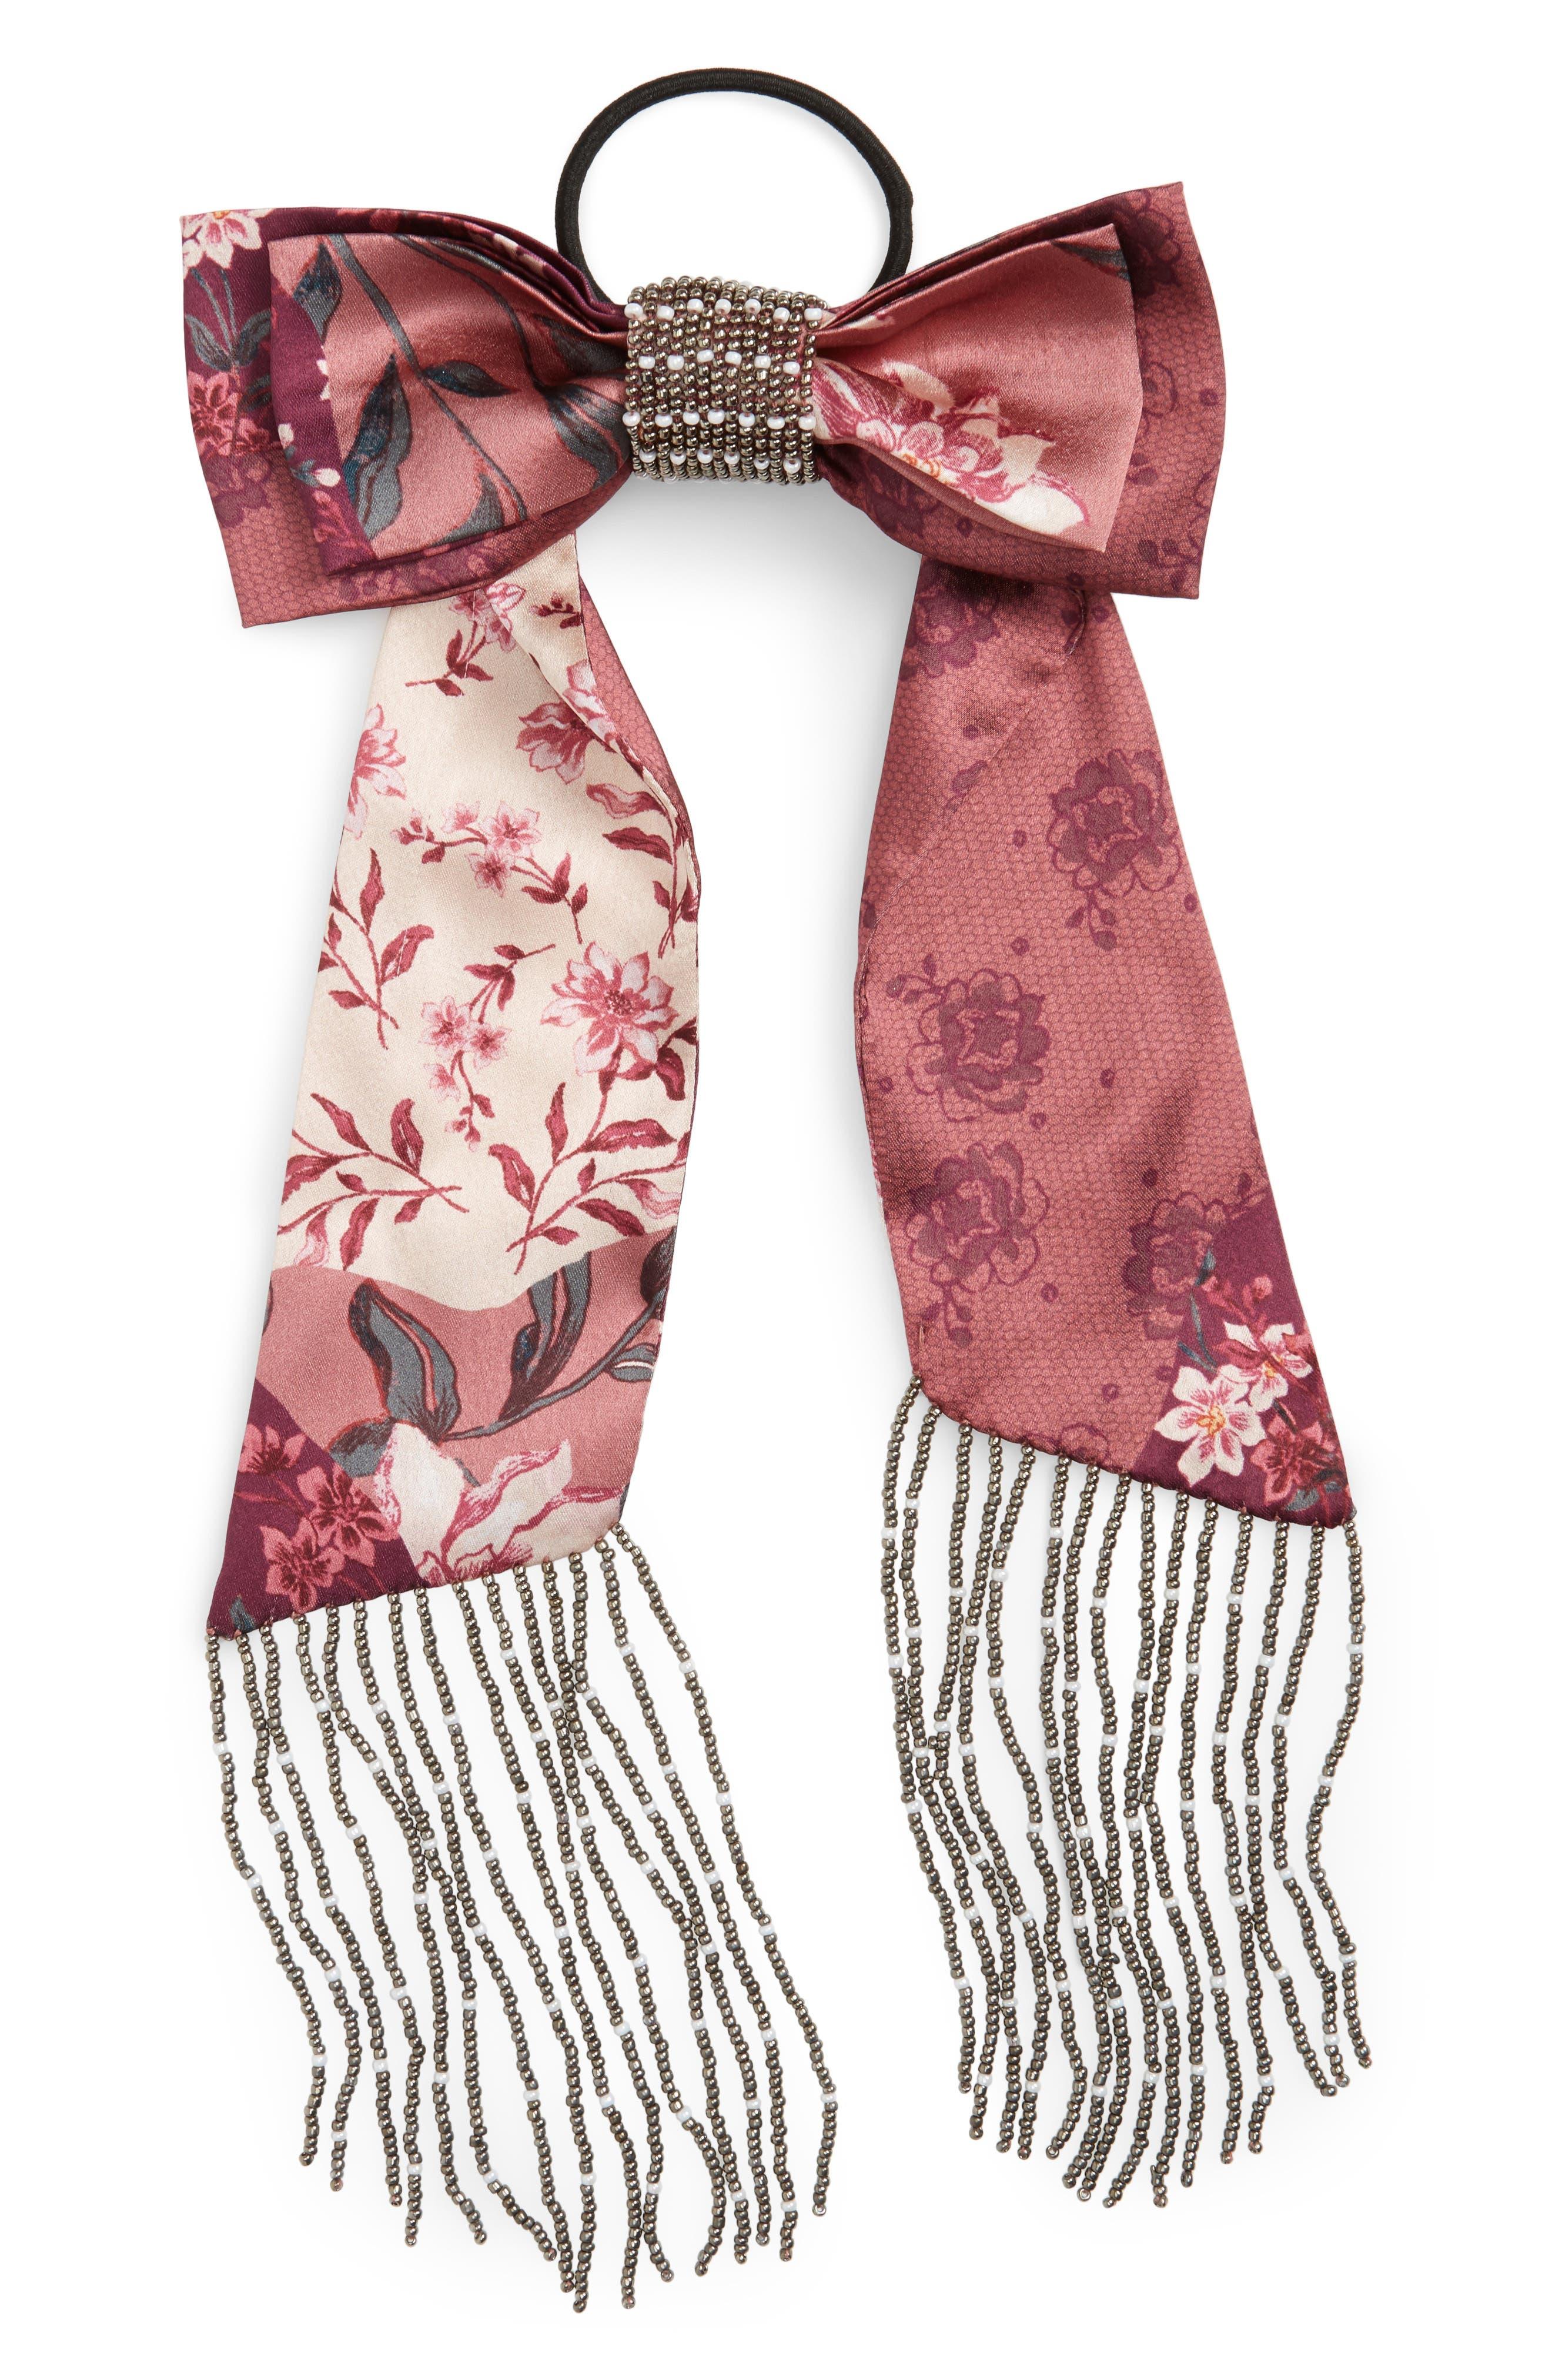 Beaded Double Bow Hair Tie,                             Main thumbnail 1, color,